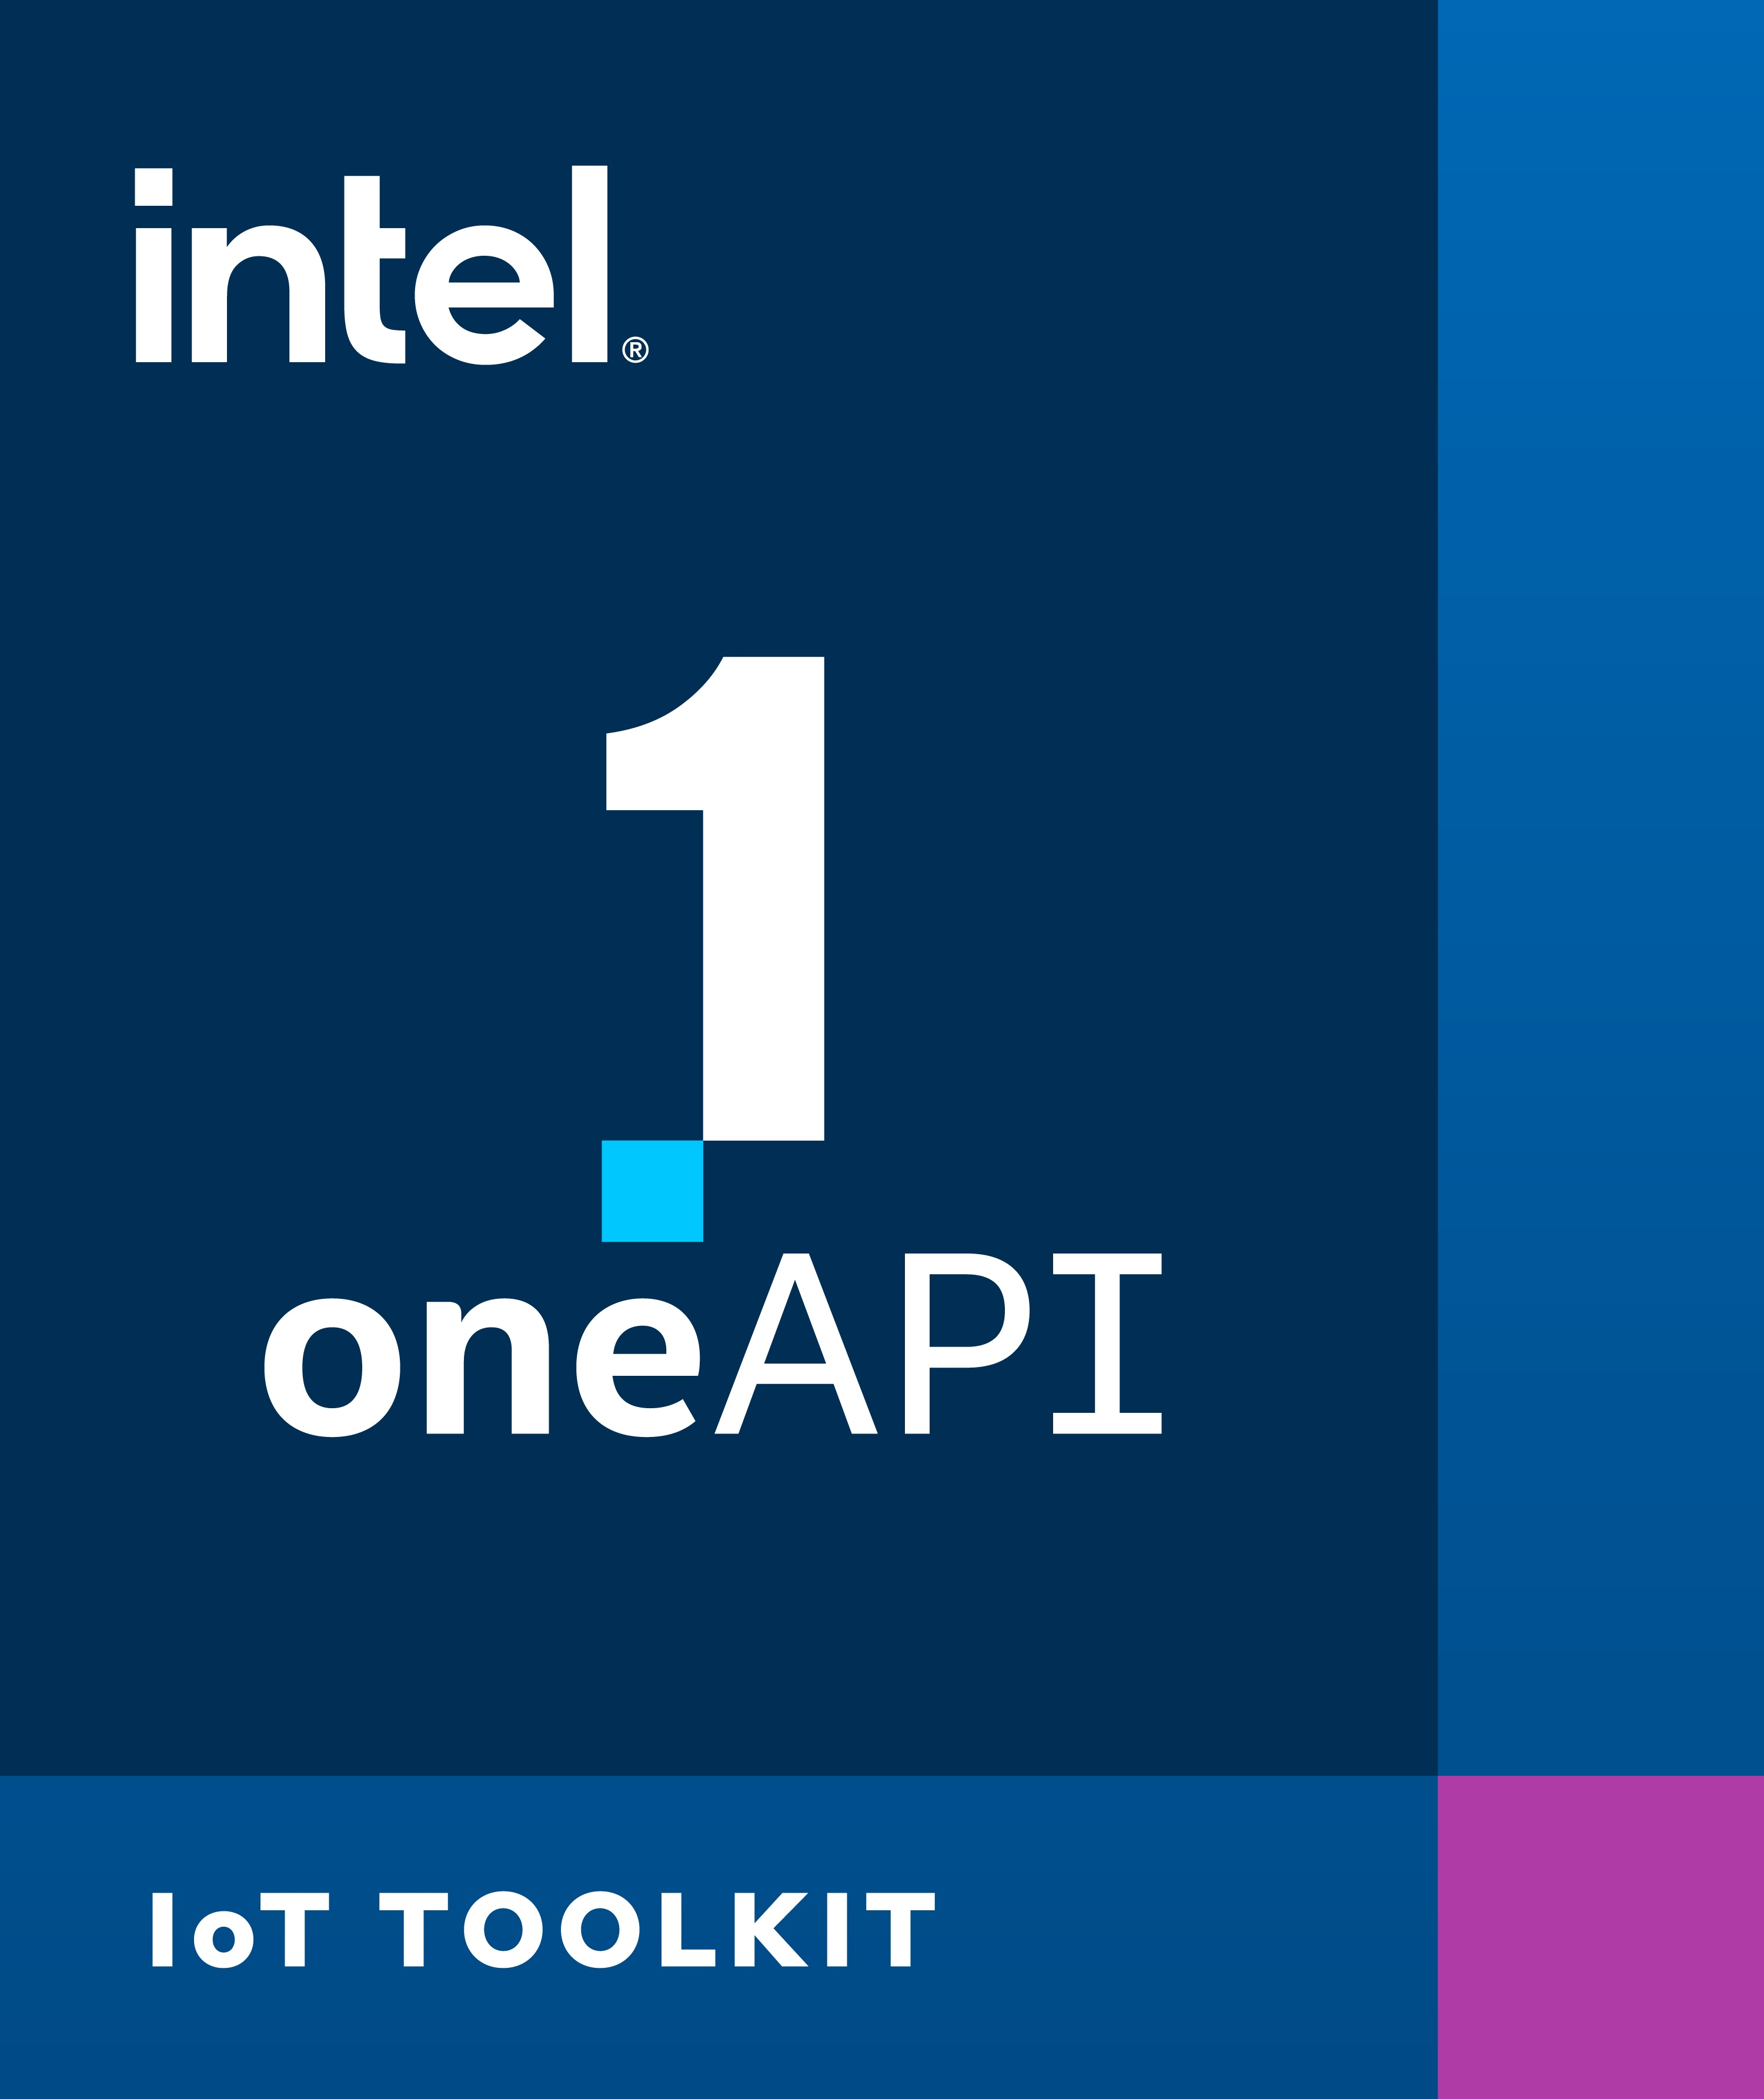 インテル® oneAPI IoT ツールキット